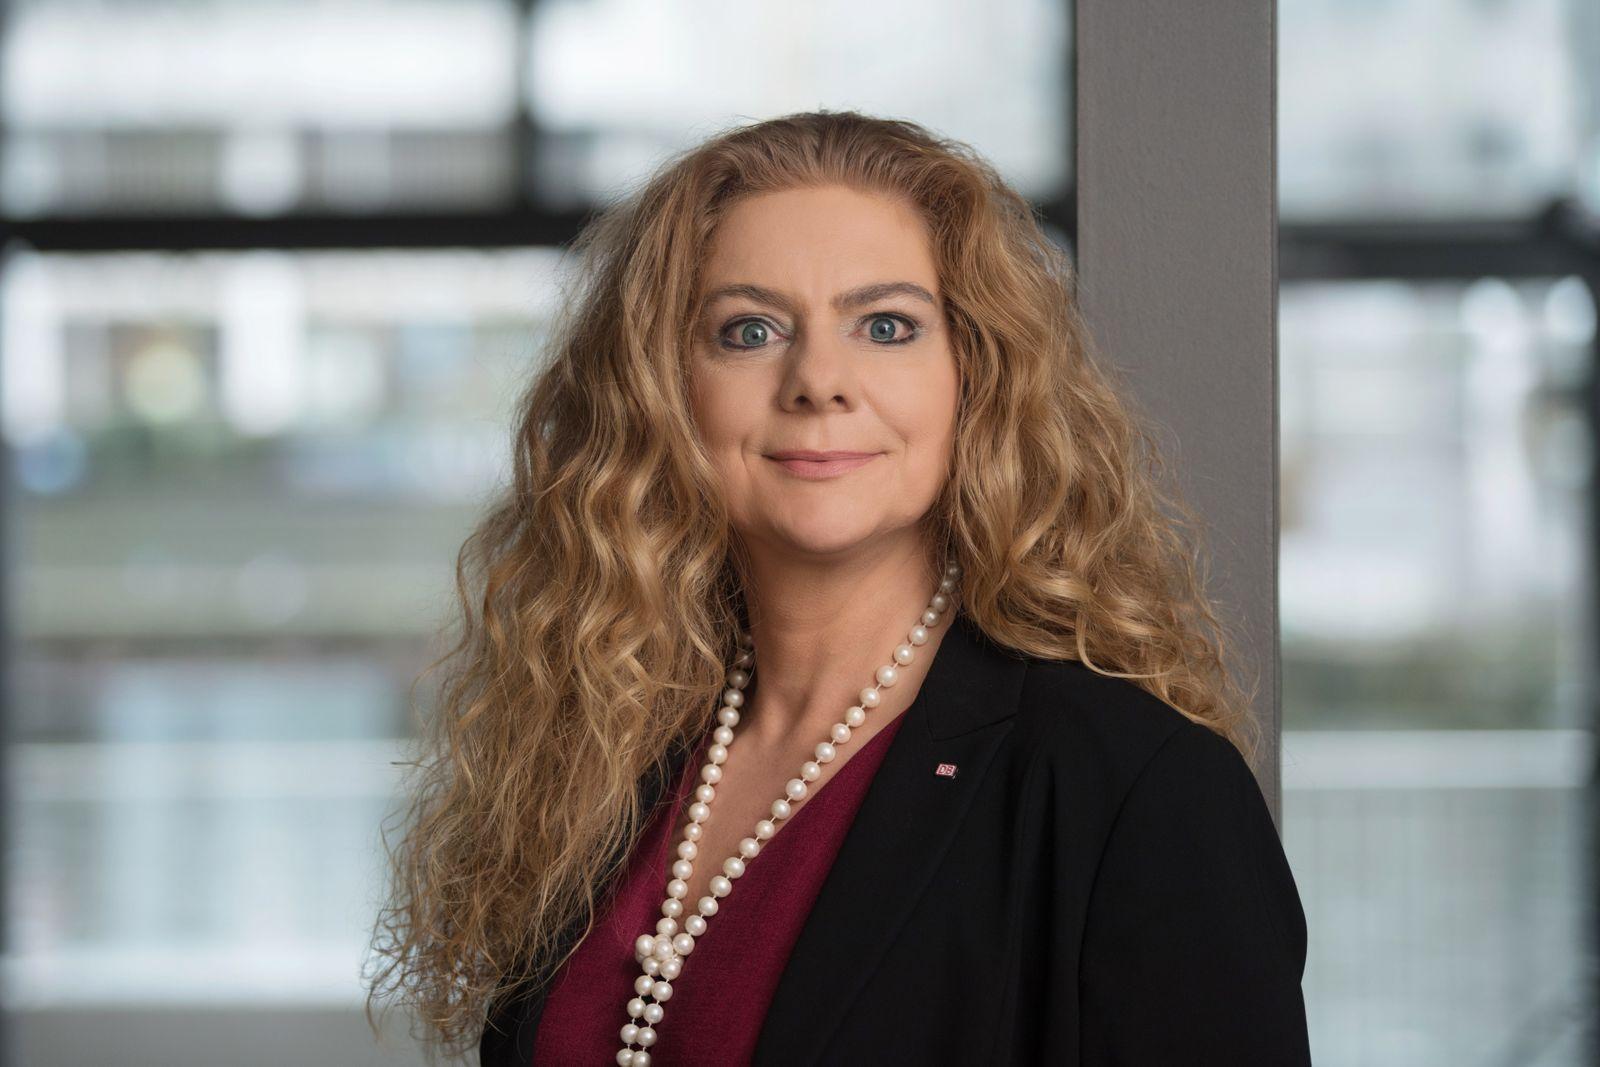 Sabina Jeschke